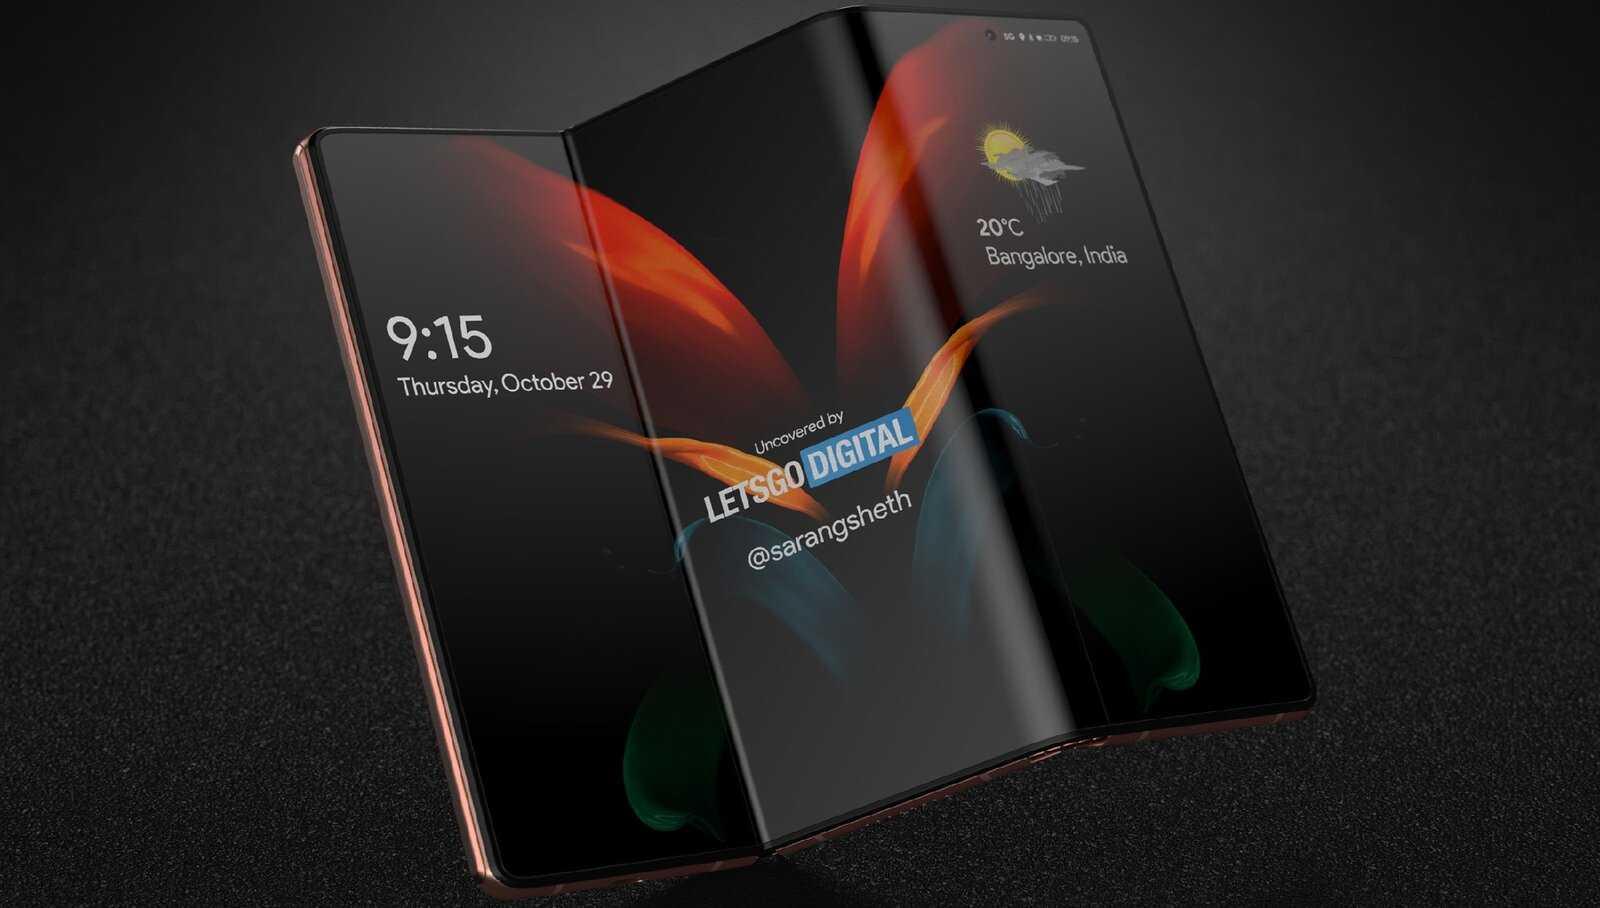 Le nouveau format mobile pliable de Samsung